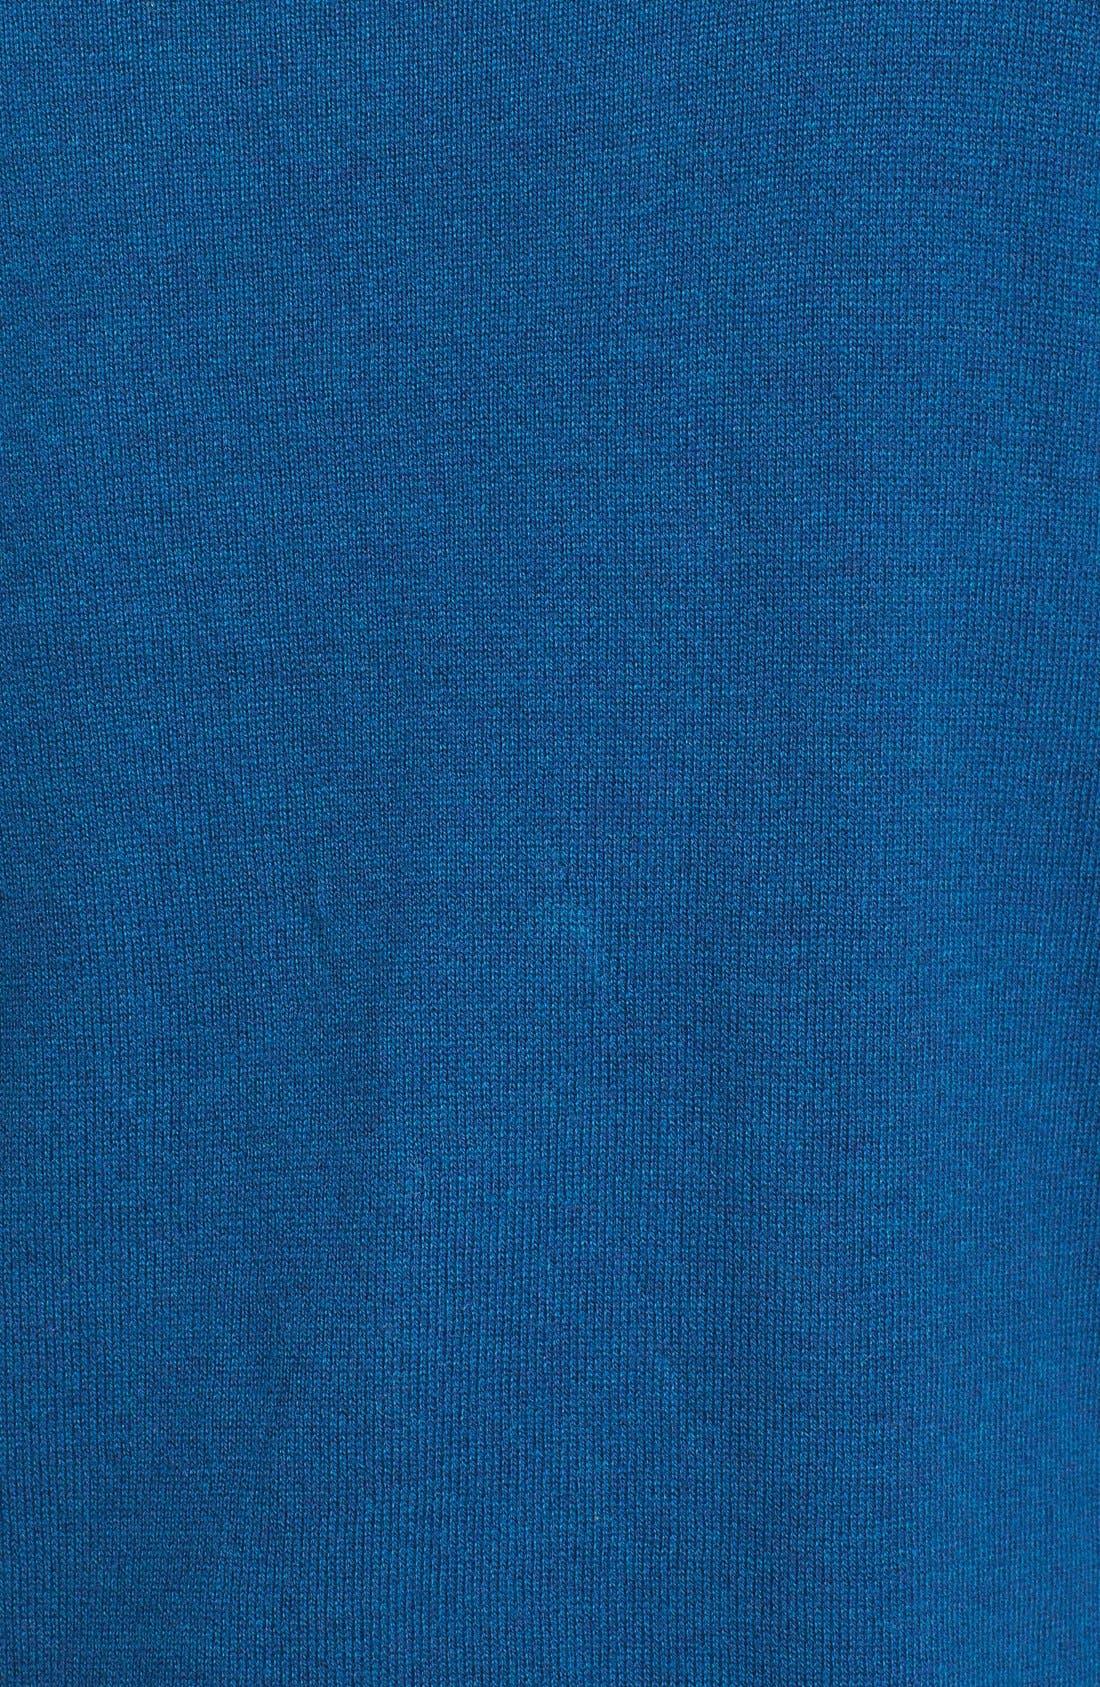 Alternate Image 3  - Tommy Bahama 'Island Luxe' Half Zip Sweatshirt